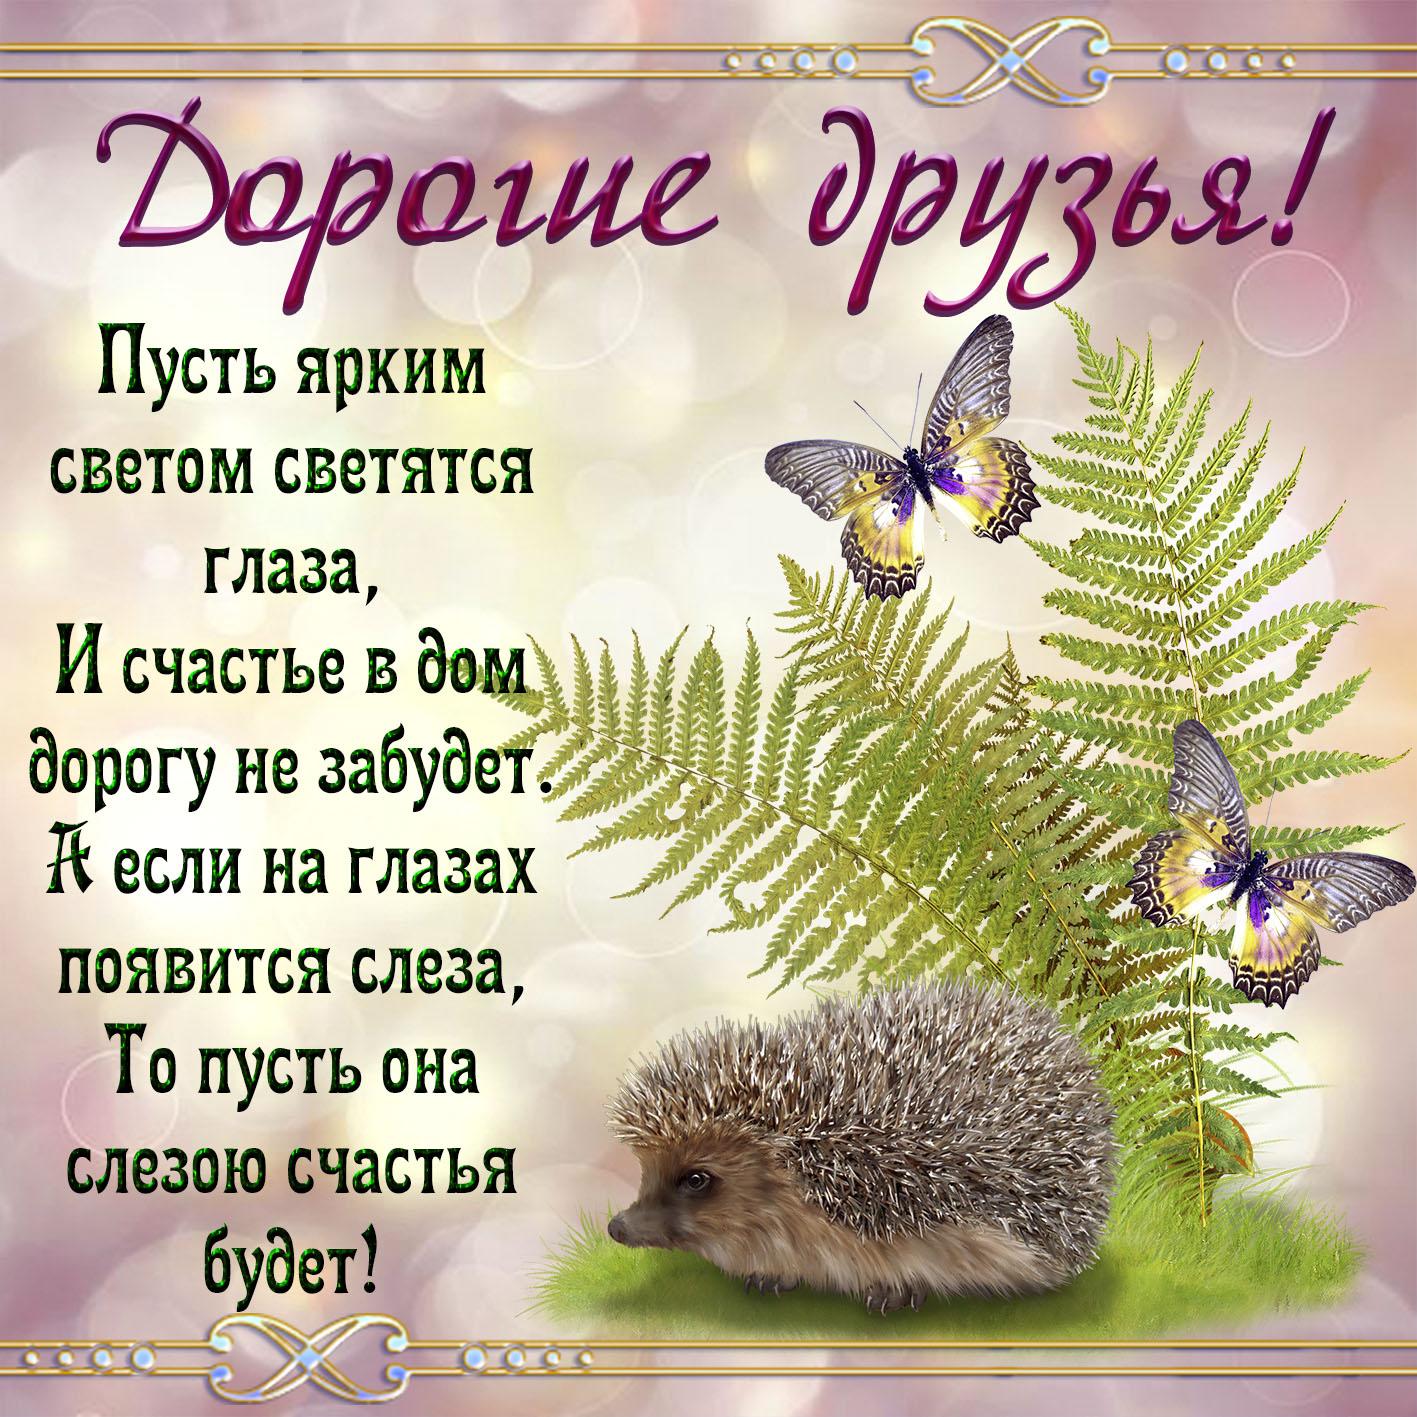 Милая открытка дорогим друзьям с ёжиком